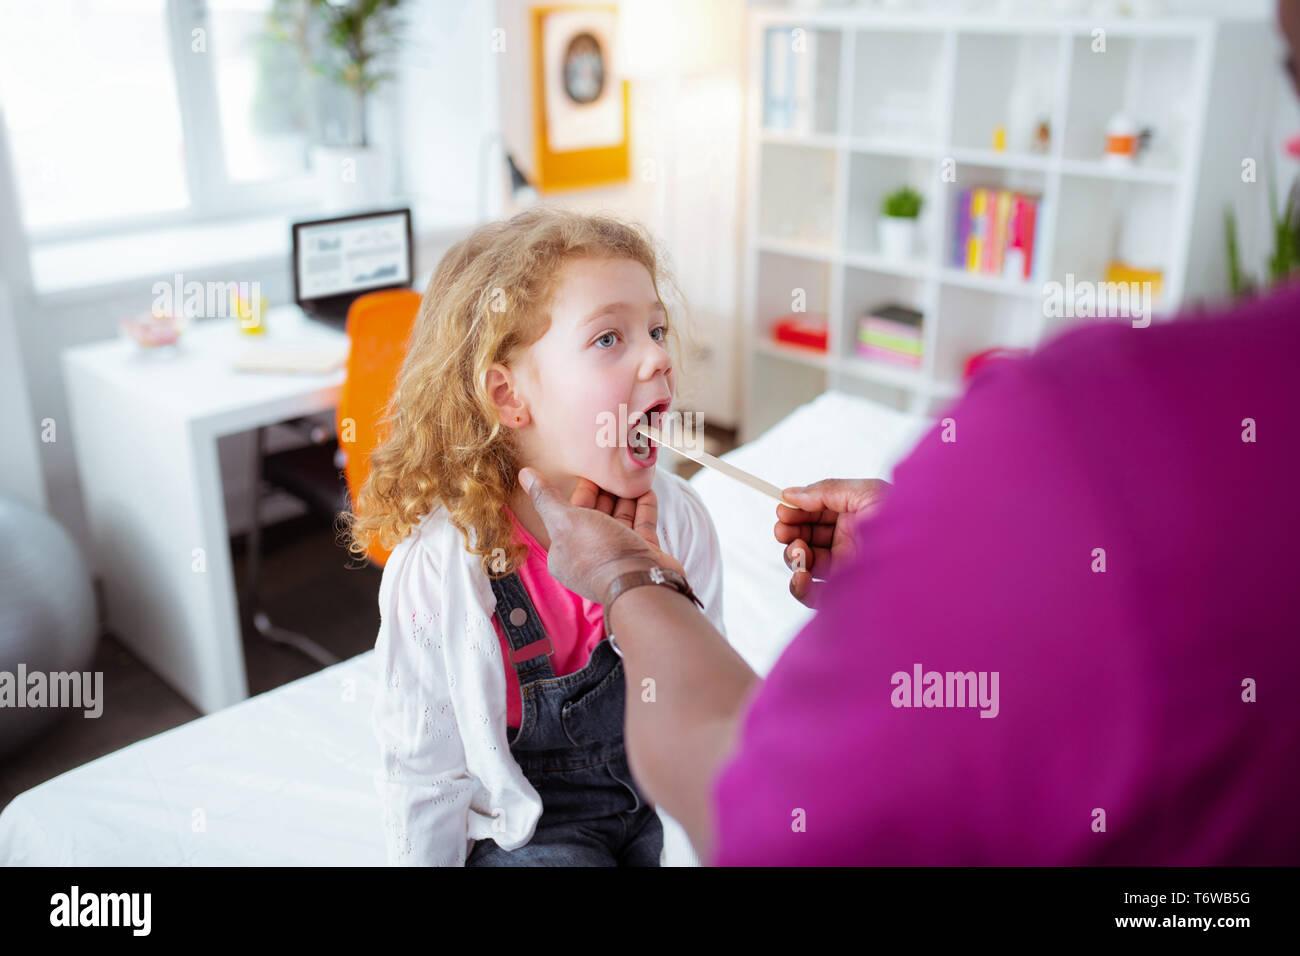 Cute curly girl Mund weit öffnen beim Besuch Arzt Stockbild